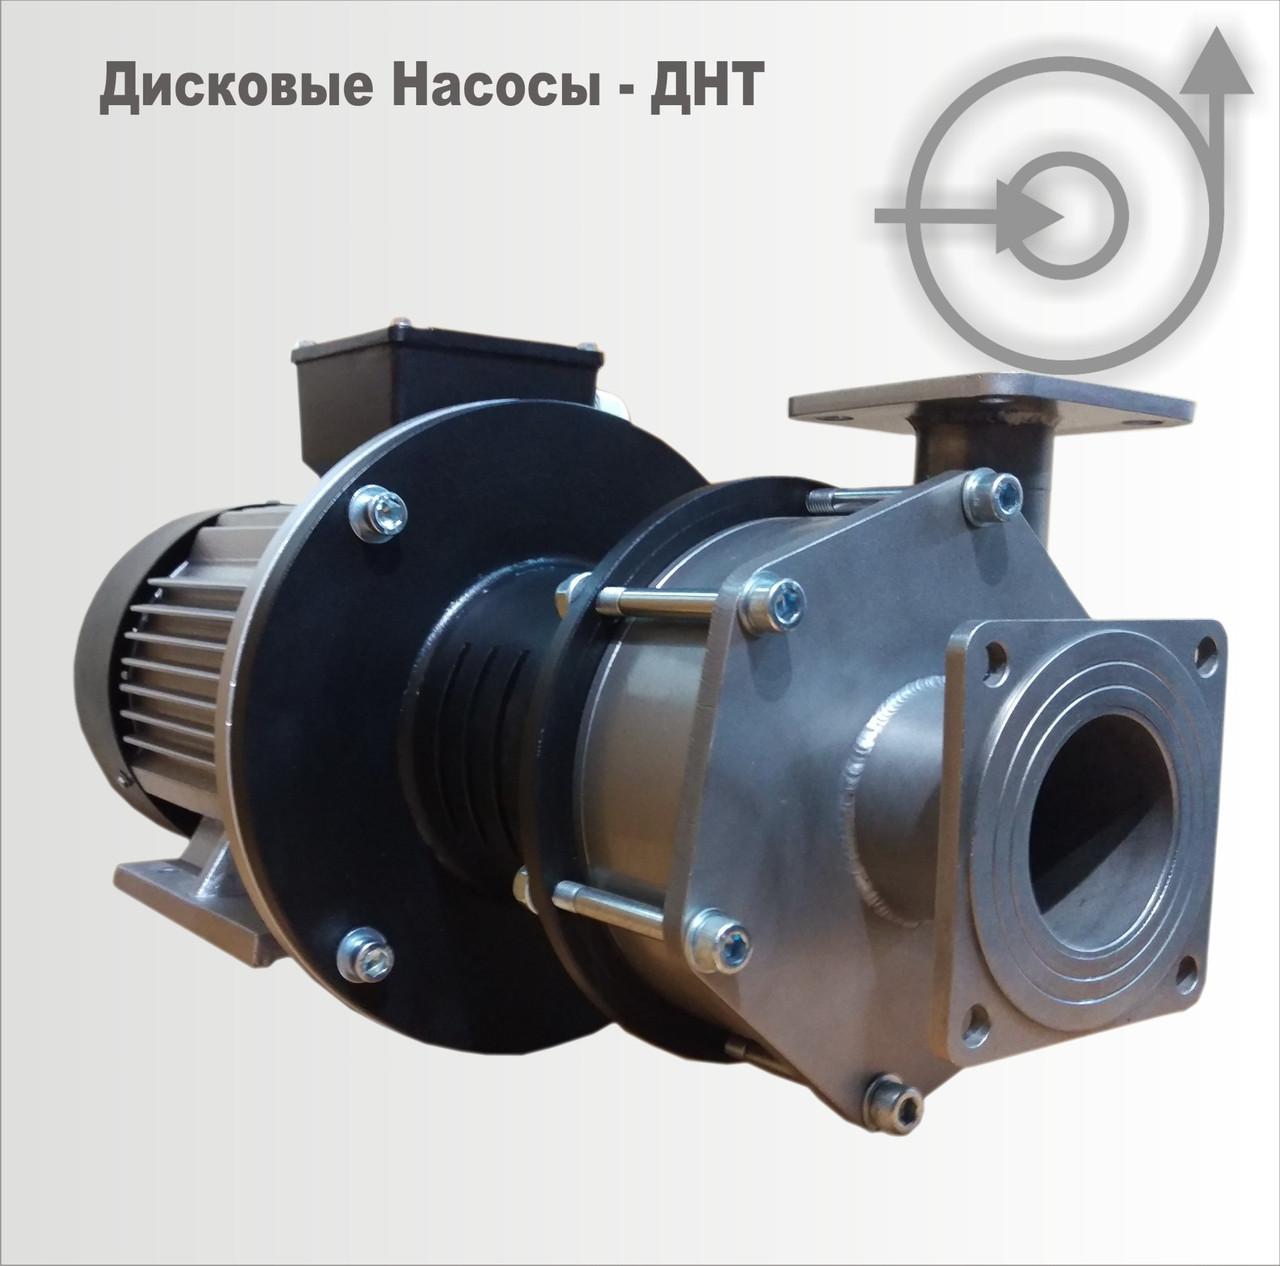 Насос для перекачування нафтопродуктів ДНТ-МУ 140 20 нержавіючий, взрывозащищеный